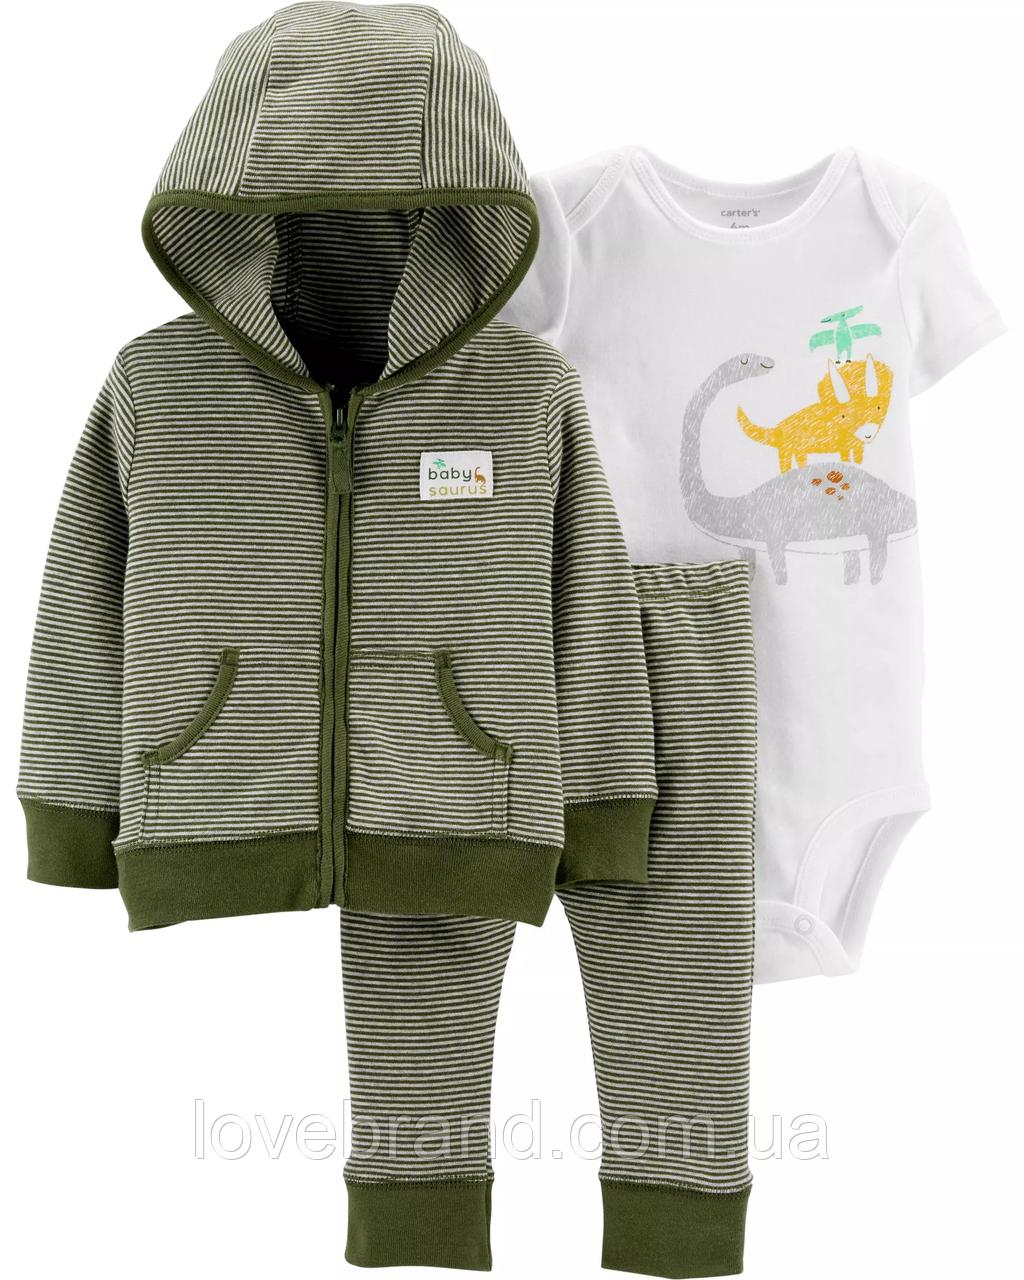 Легкий спортивный костюм для малыша carter's Динозаврик 9 мес/67-72 см